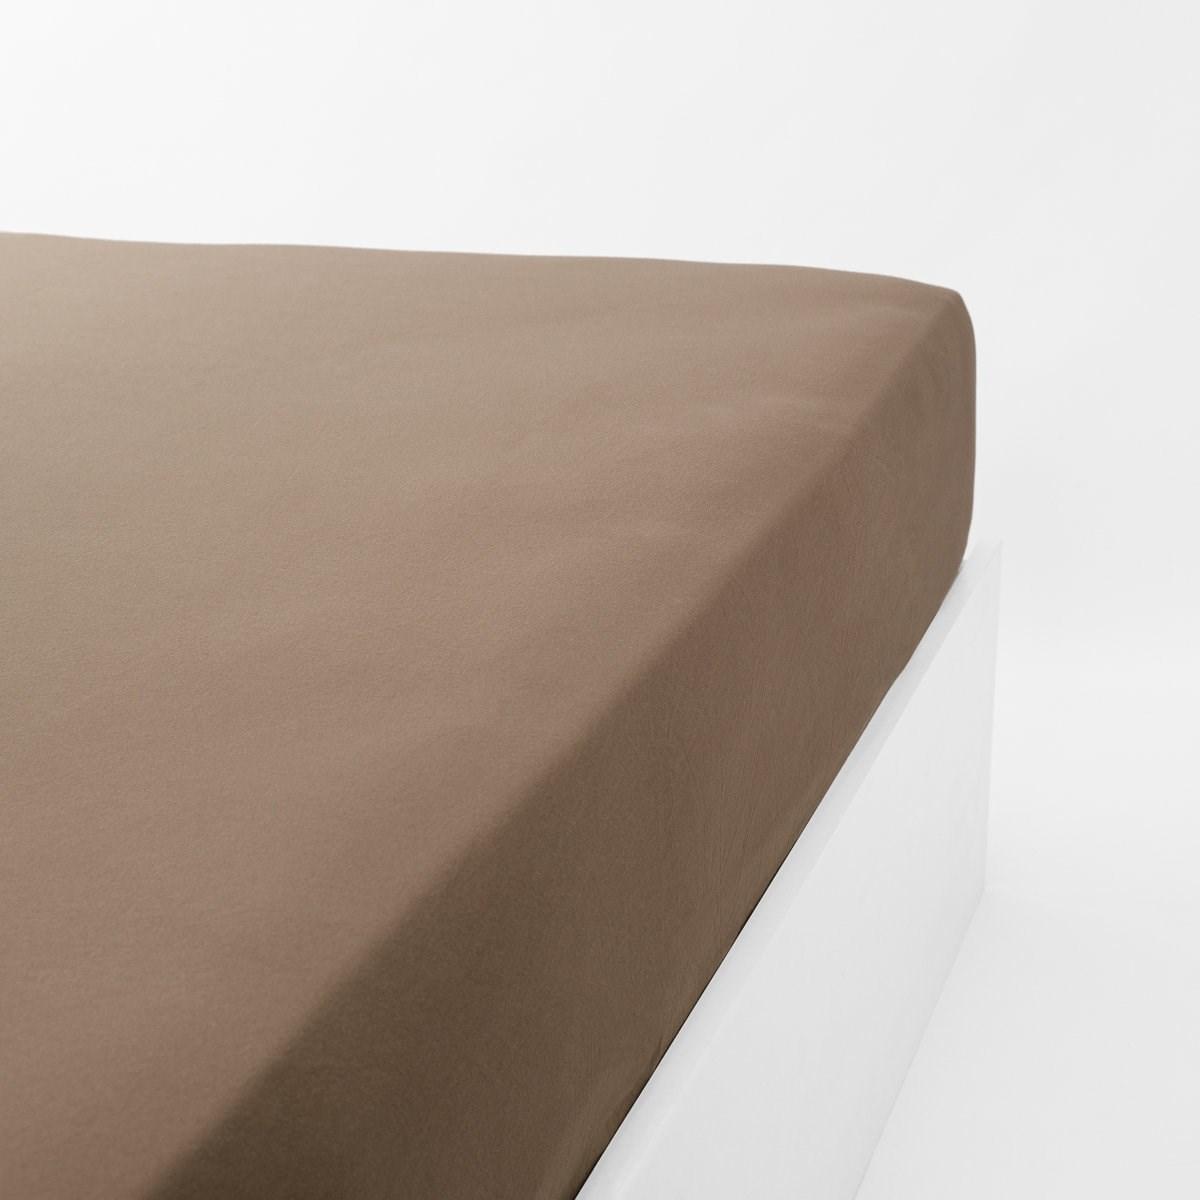 Drap housse jersey extensible en coton marron 70x190 cm